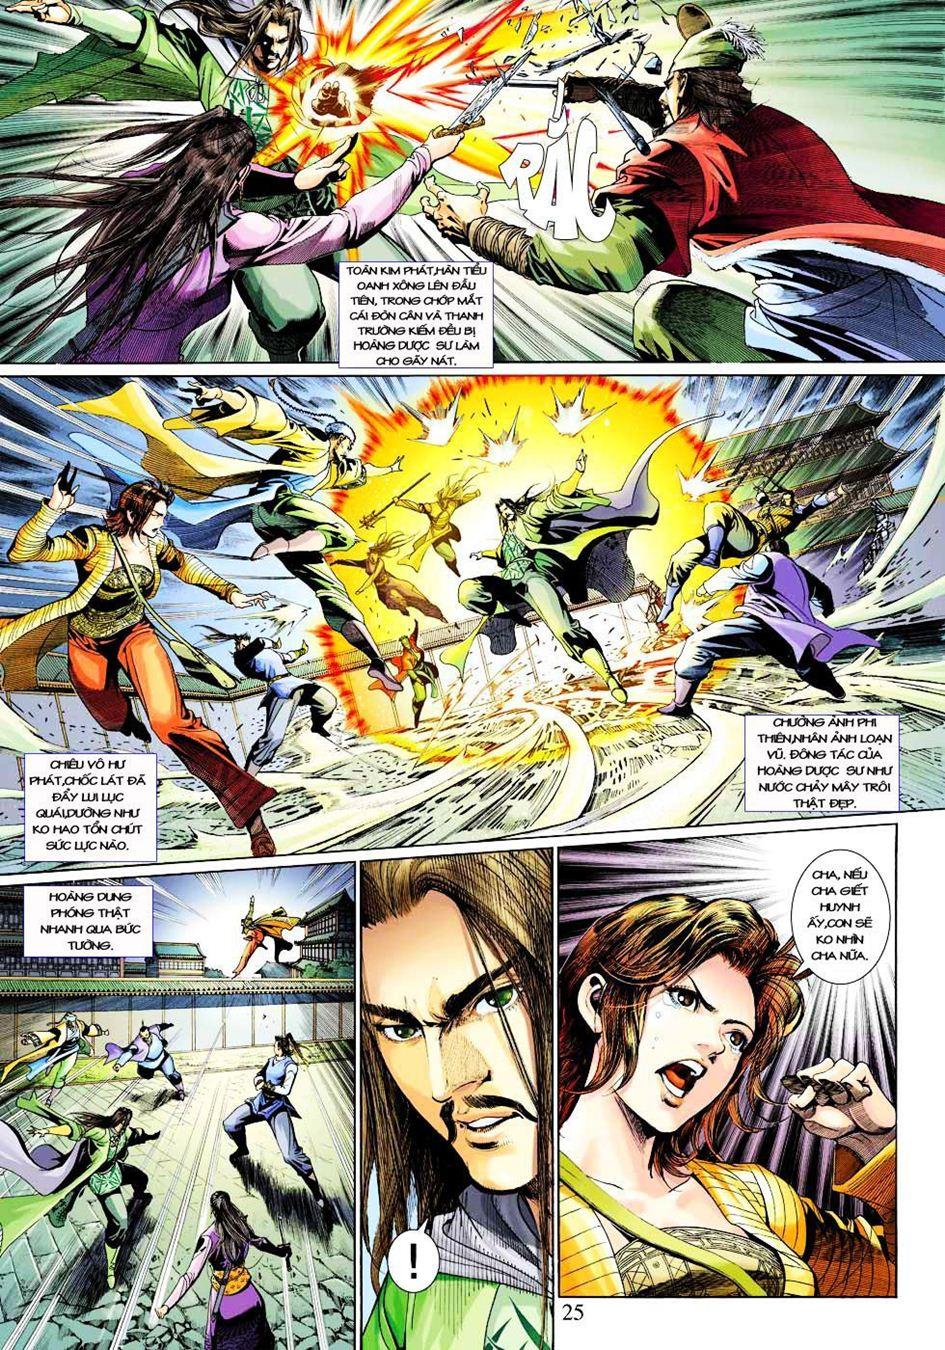 Anh Hùng Xạ Điêu anh hùng xạ đêu chap 33 trang 25